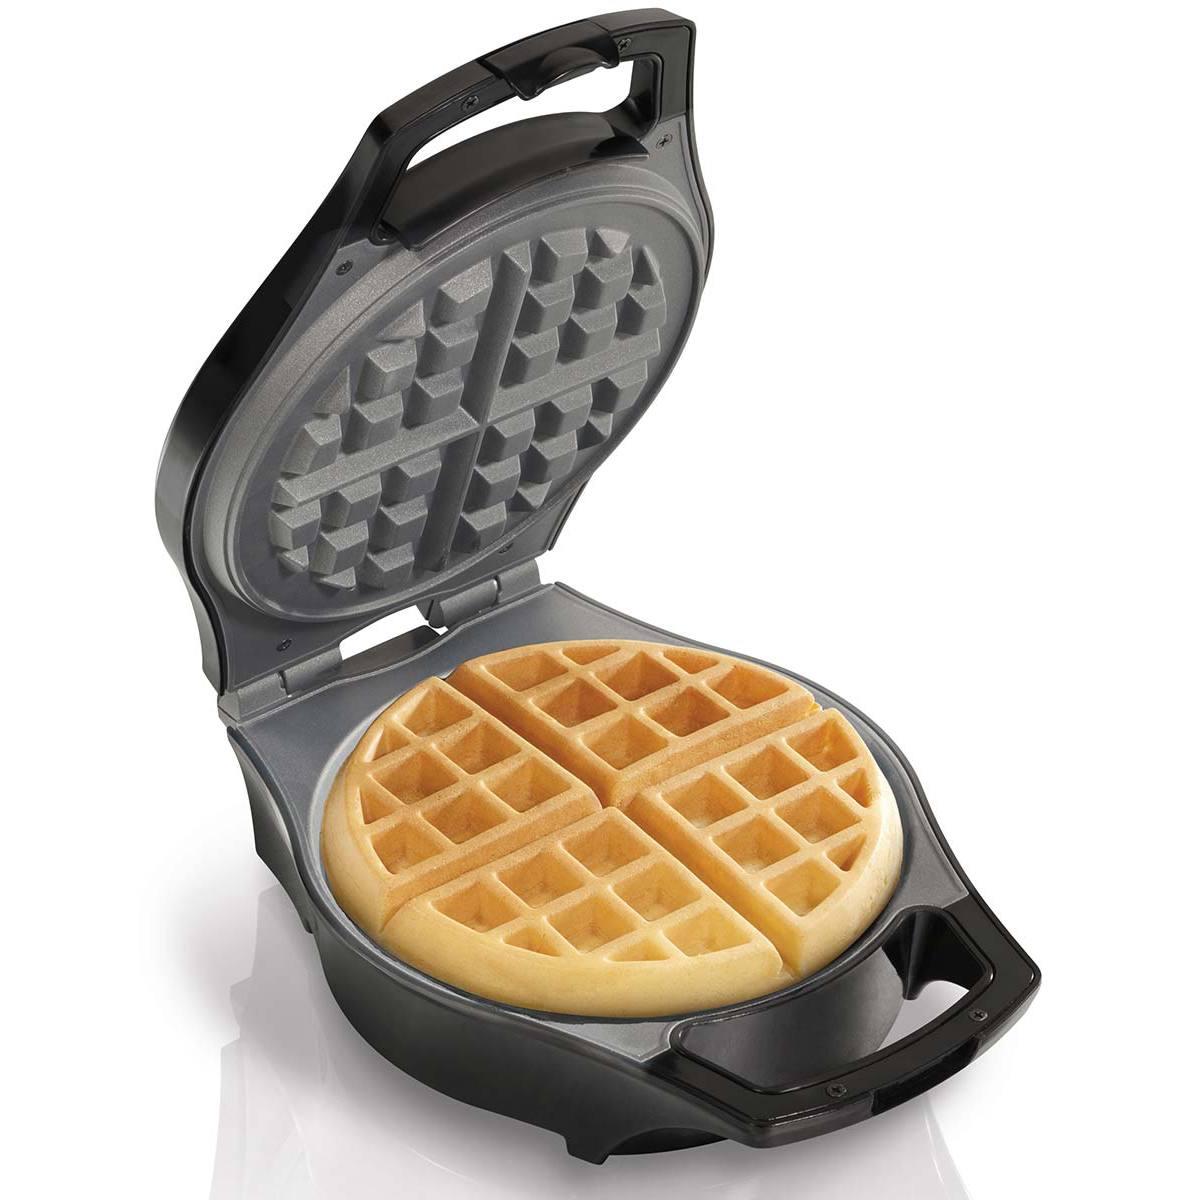 Mess Free Belgian Style Waffle Maker (26042)